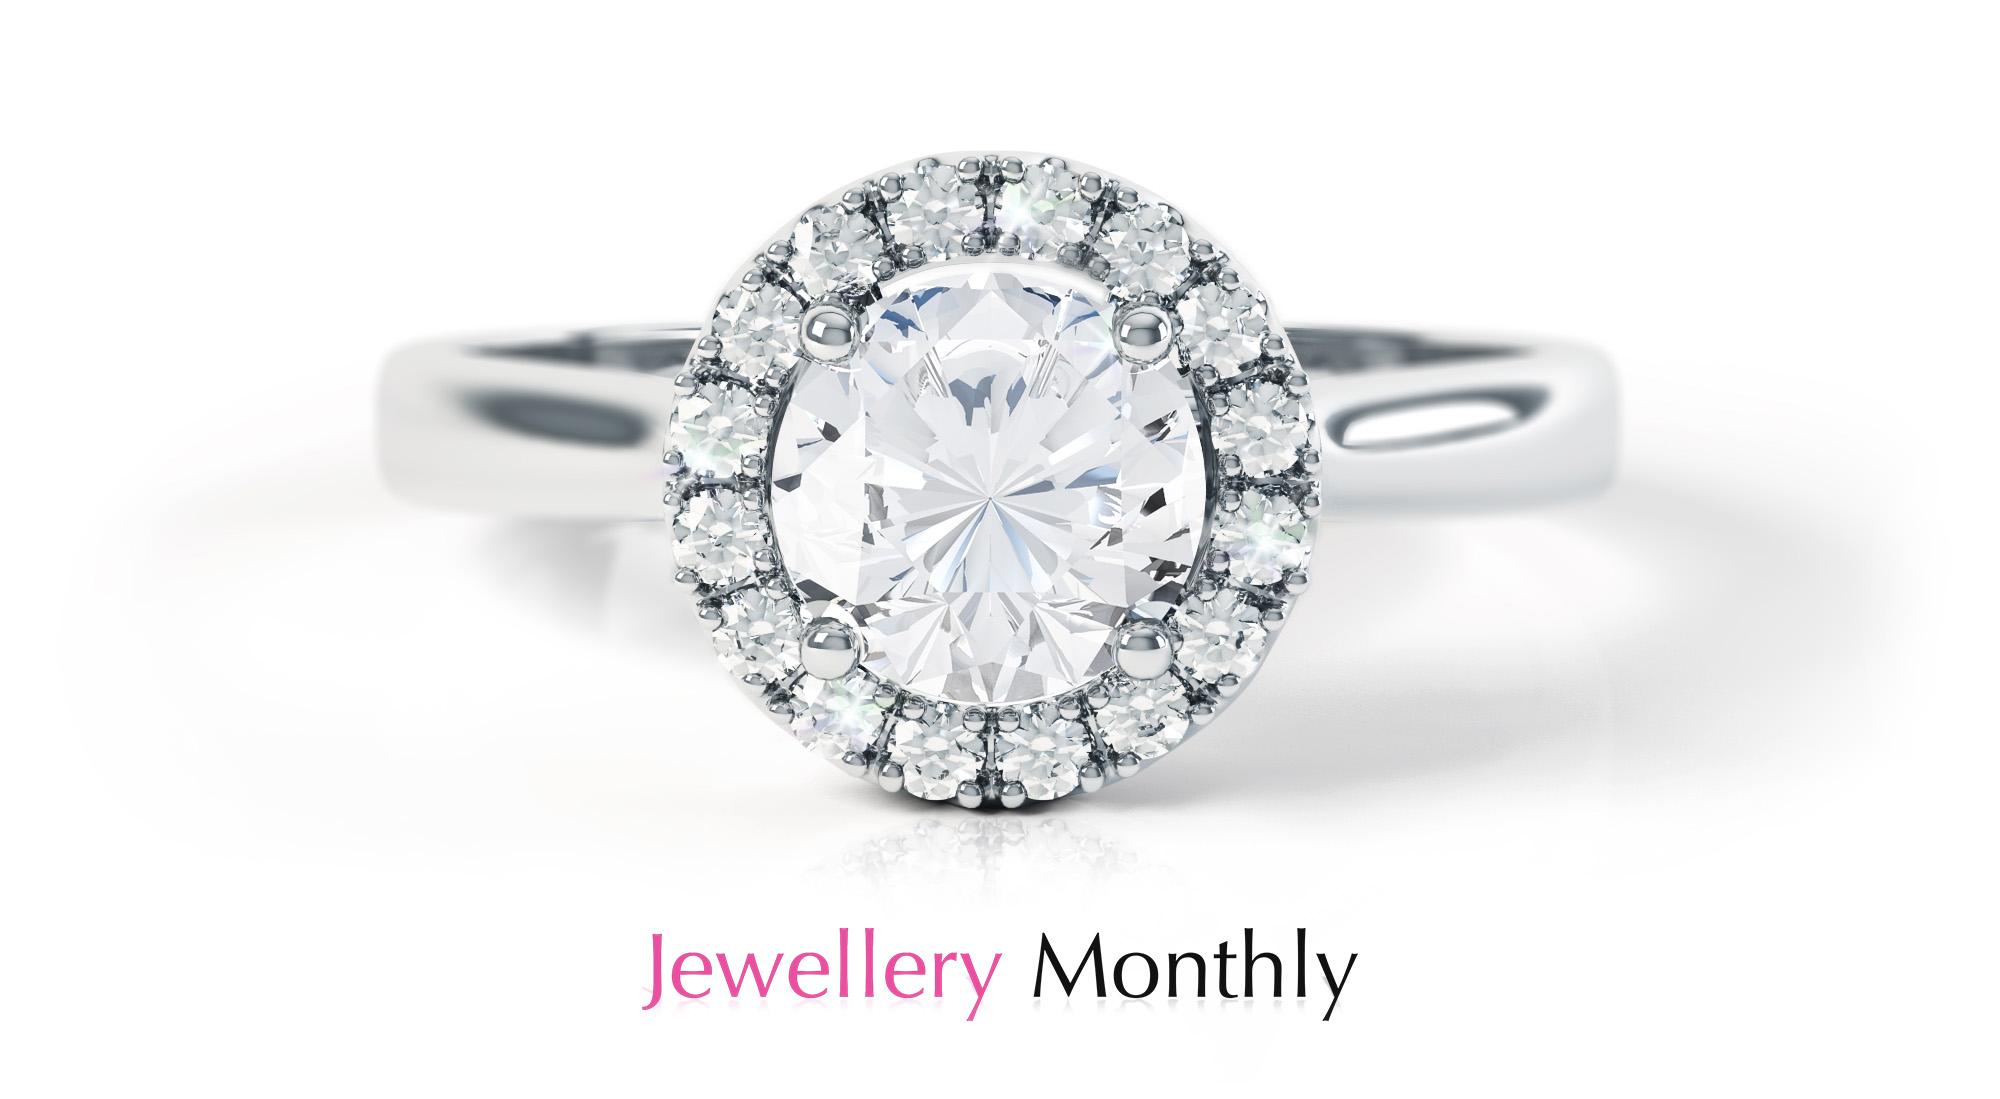 Jewellery & Watch news